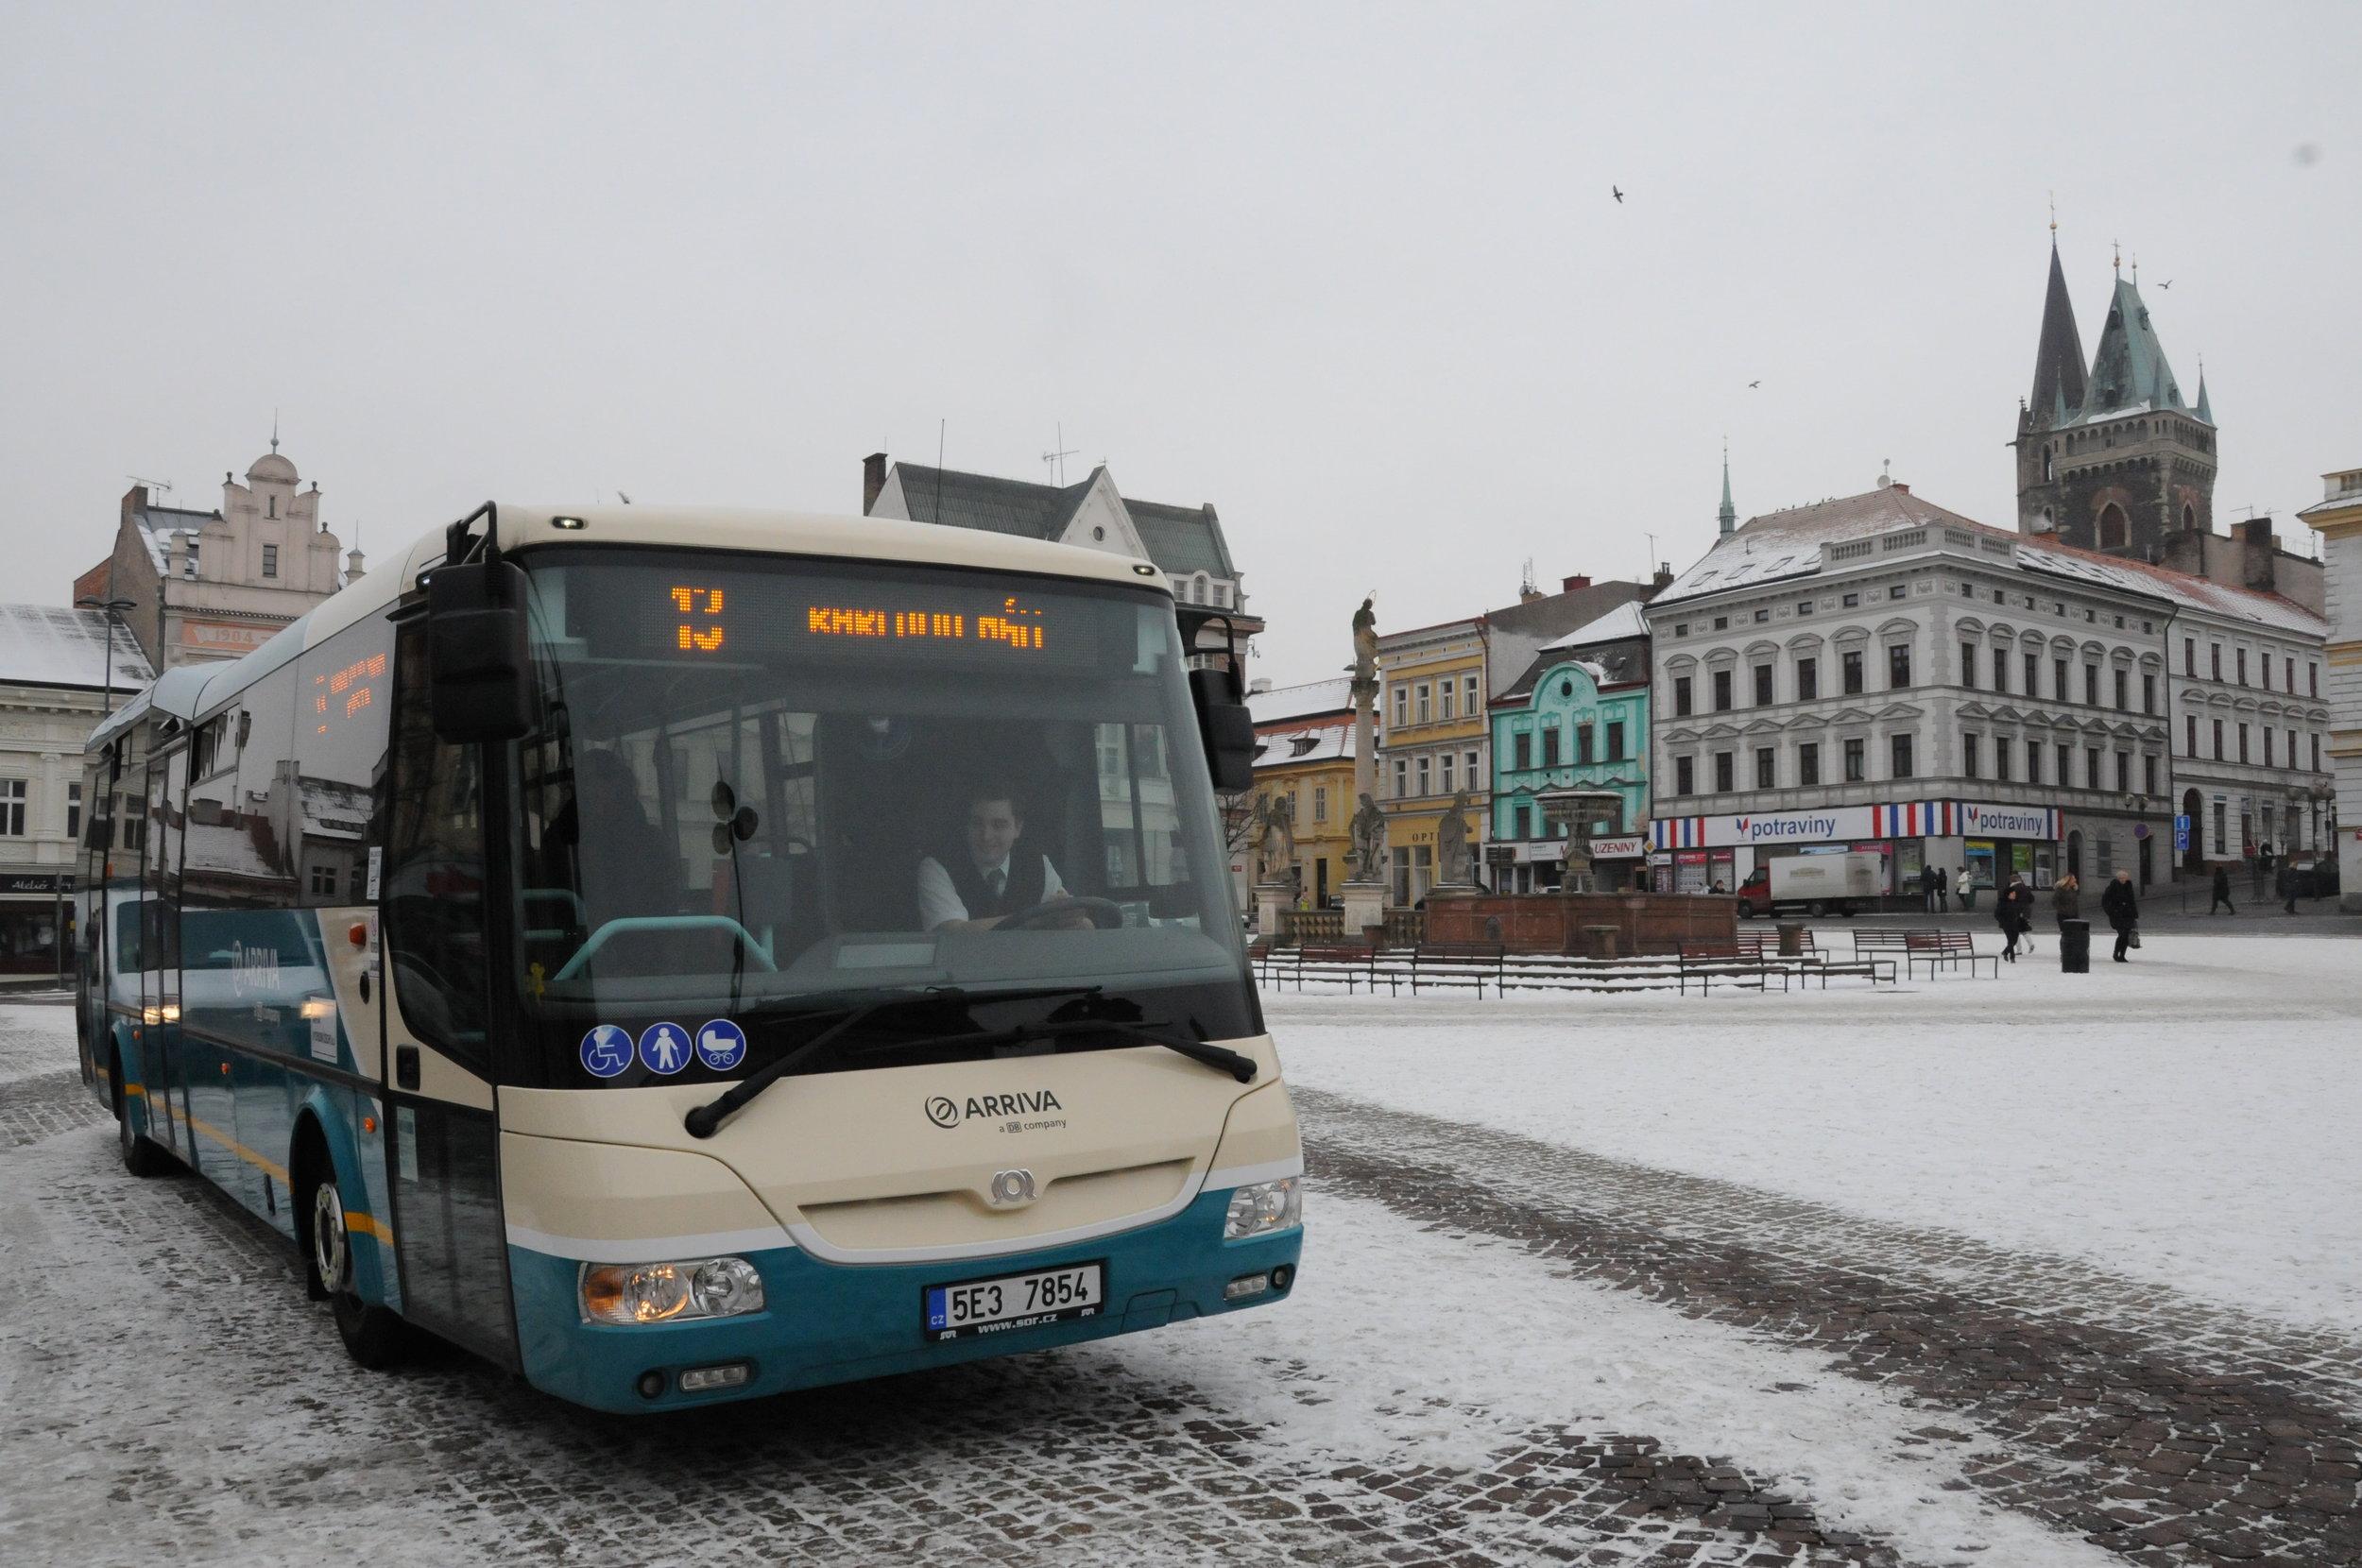 Autobus SOR společnosti Arriva v Kolíně. (foto: Městský úřad Kolín)